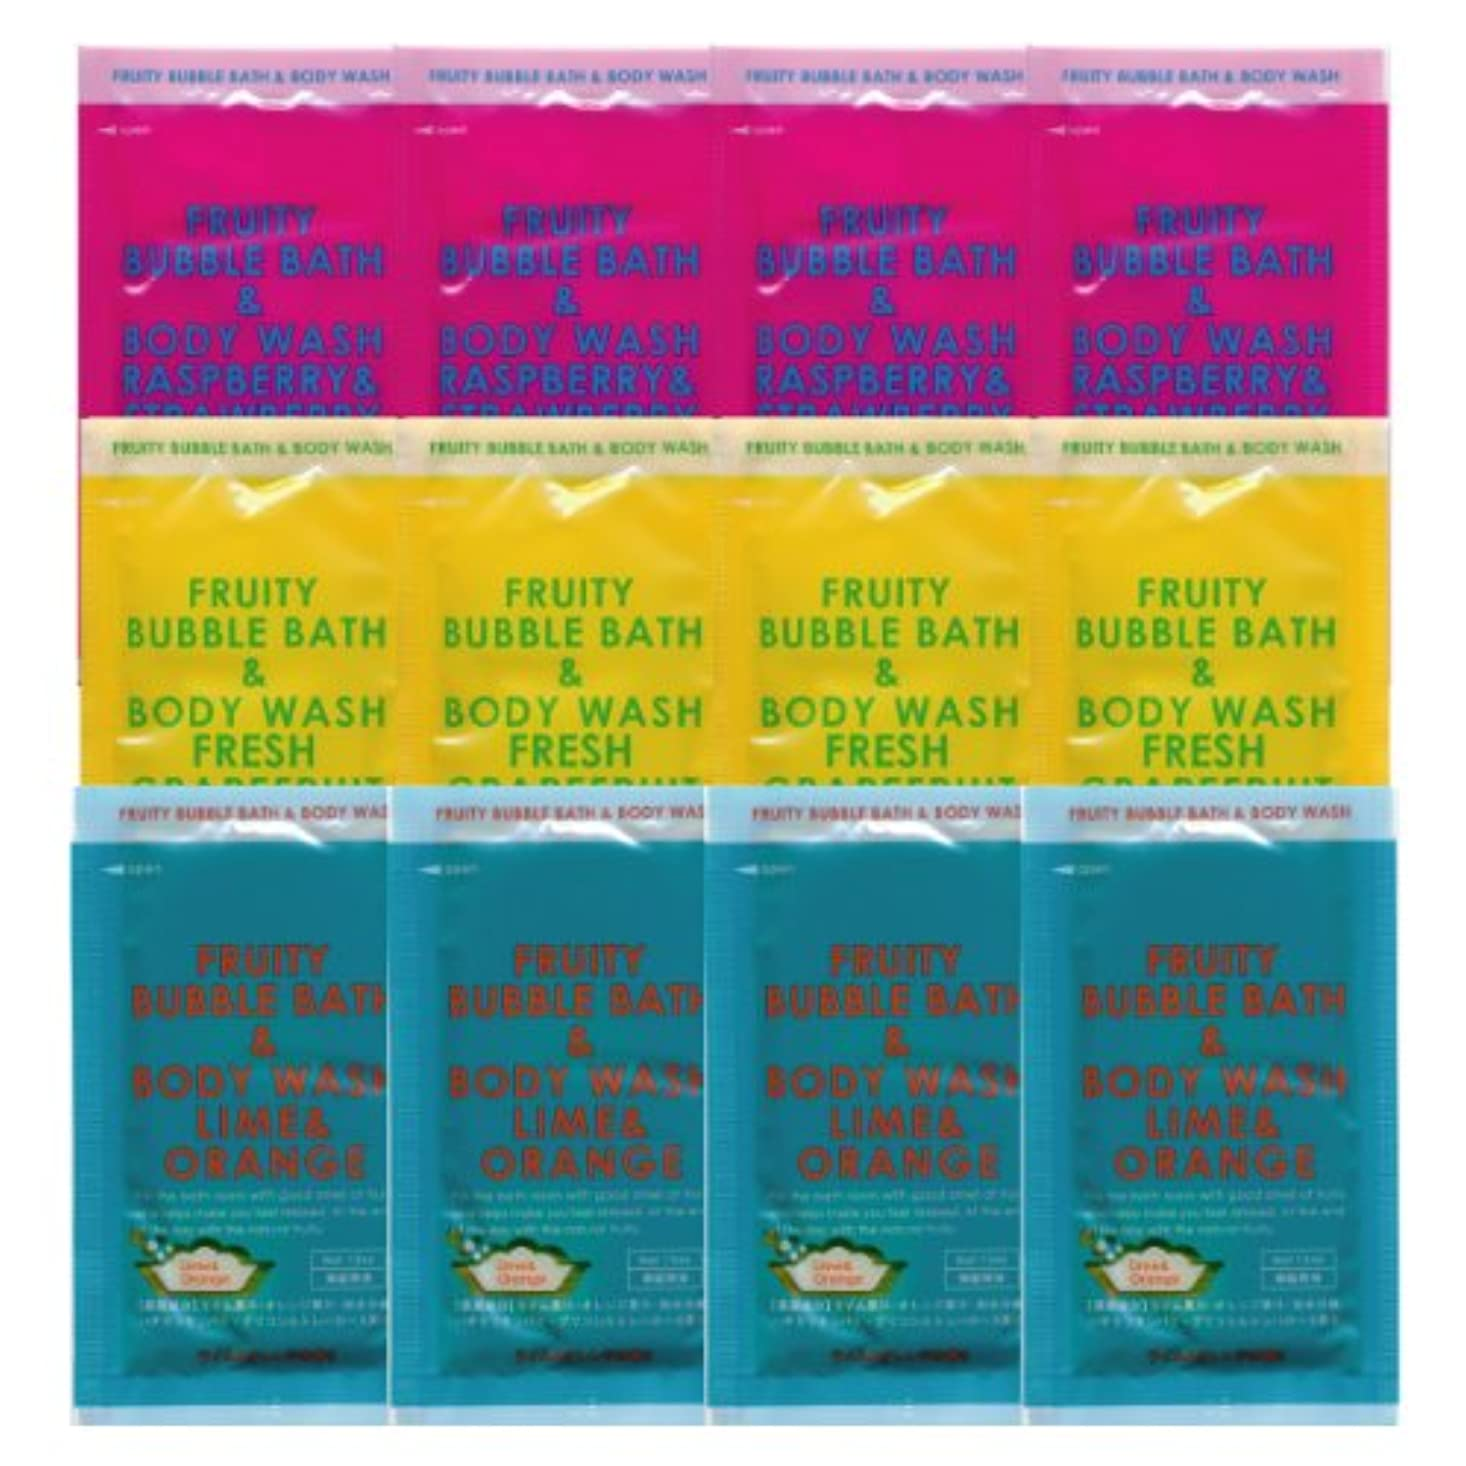 酸度ダイエット飼い慣らすフルーティーバブルバス&ボディウォッシュ 3種類×4 12個